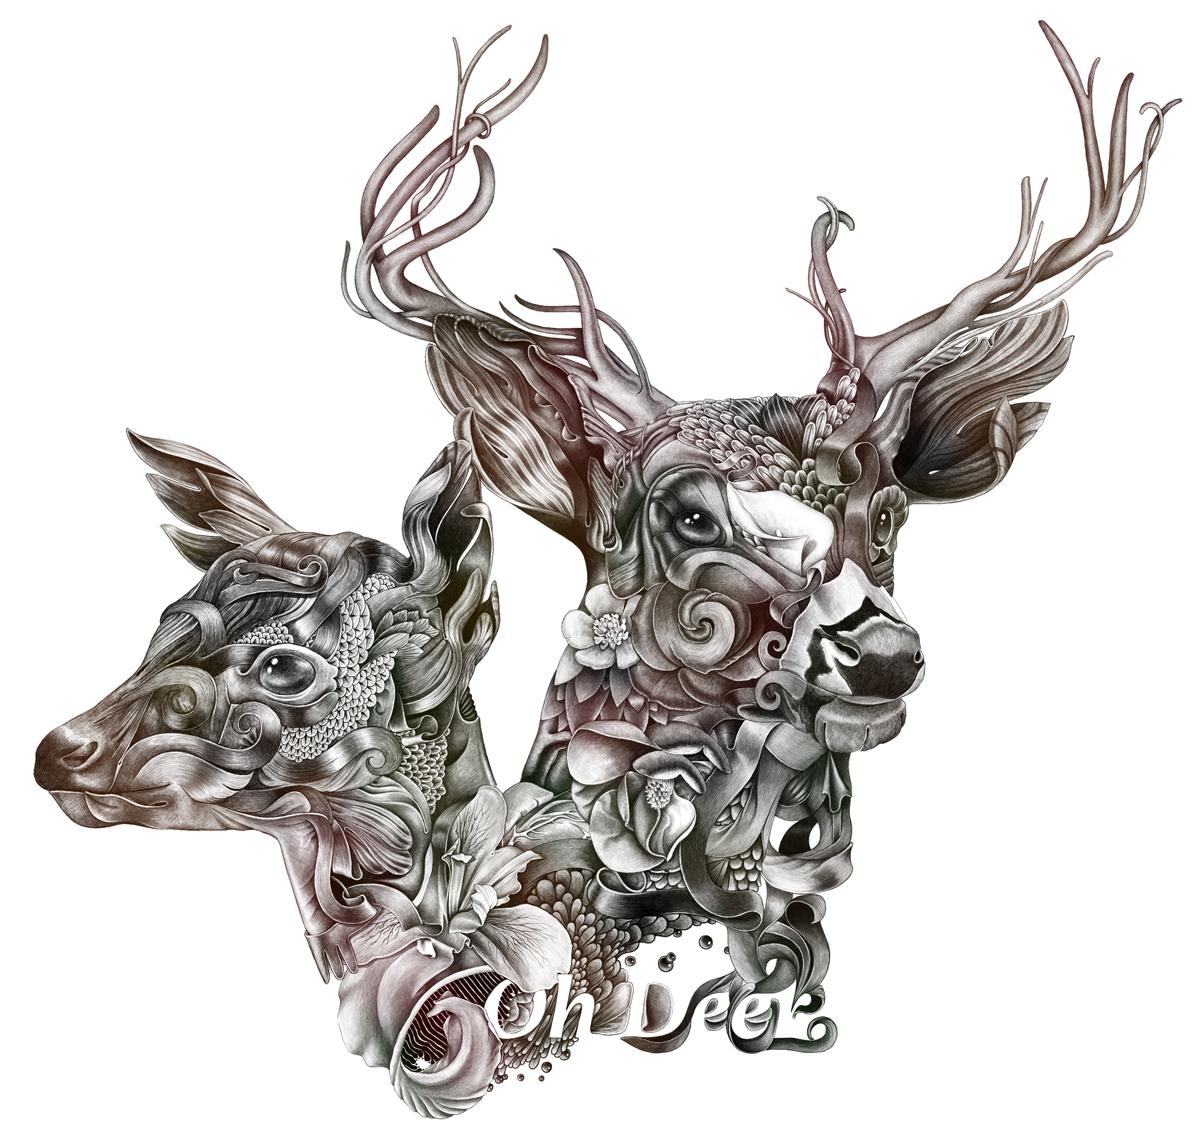 oh deer Oh deer 29k likes wwwohdeercomau -beautiful modern & vintage inspired jewelry handmade by 2 sisters eva & magda.